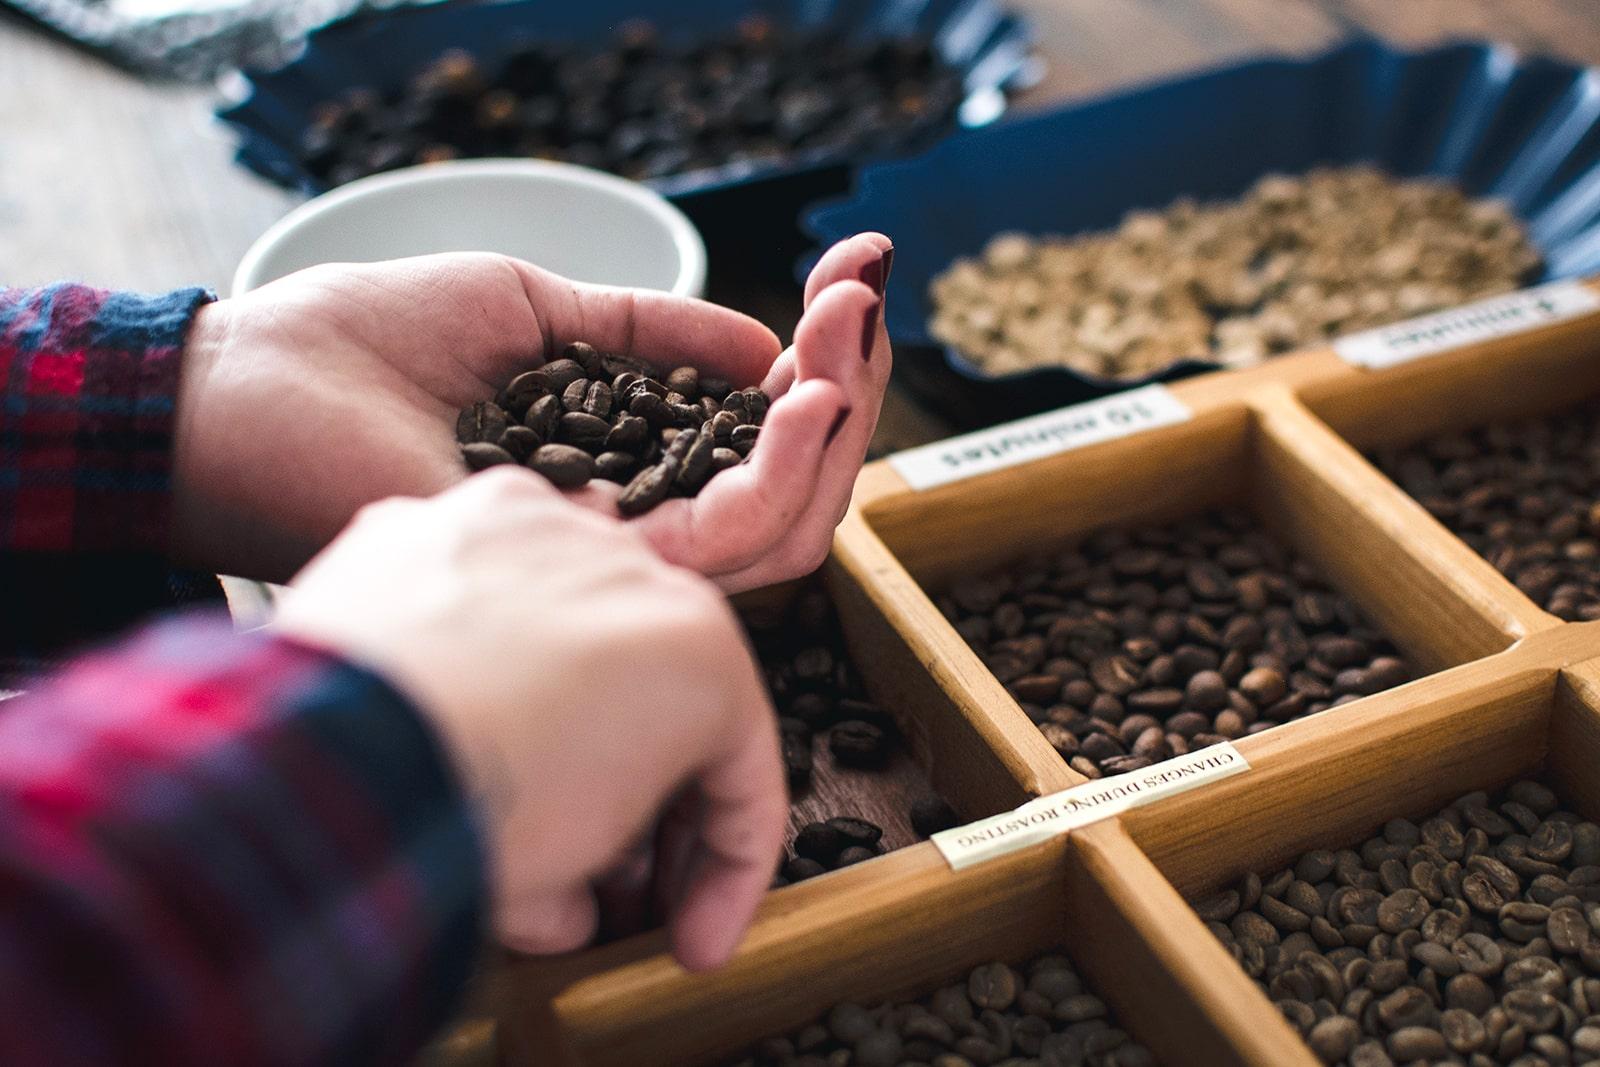 Choisir les meilleurs grains pour un café Premium